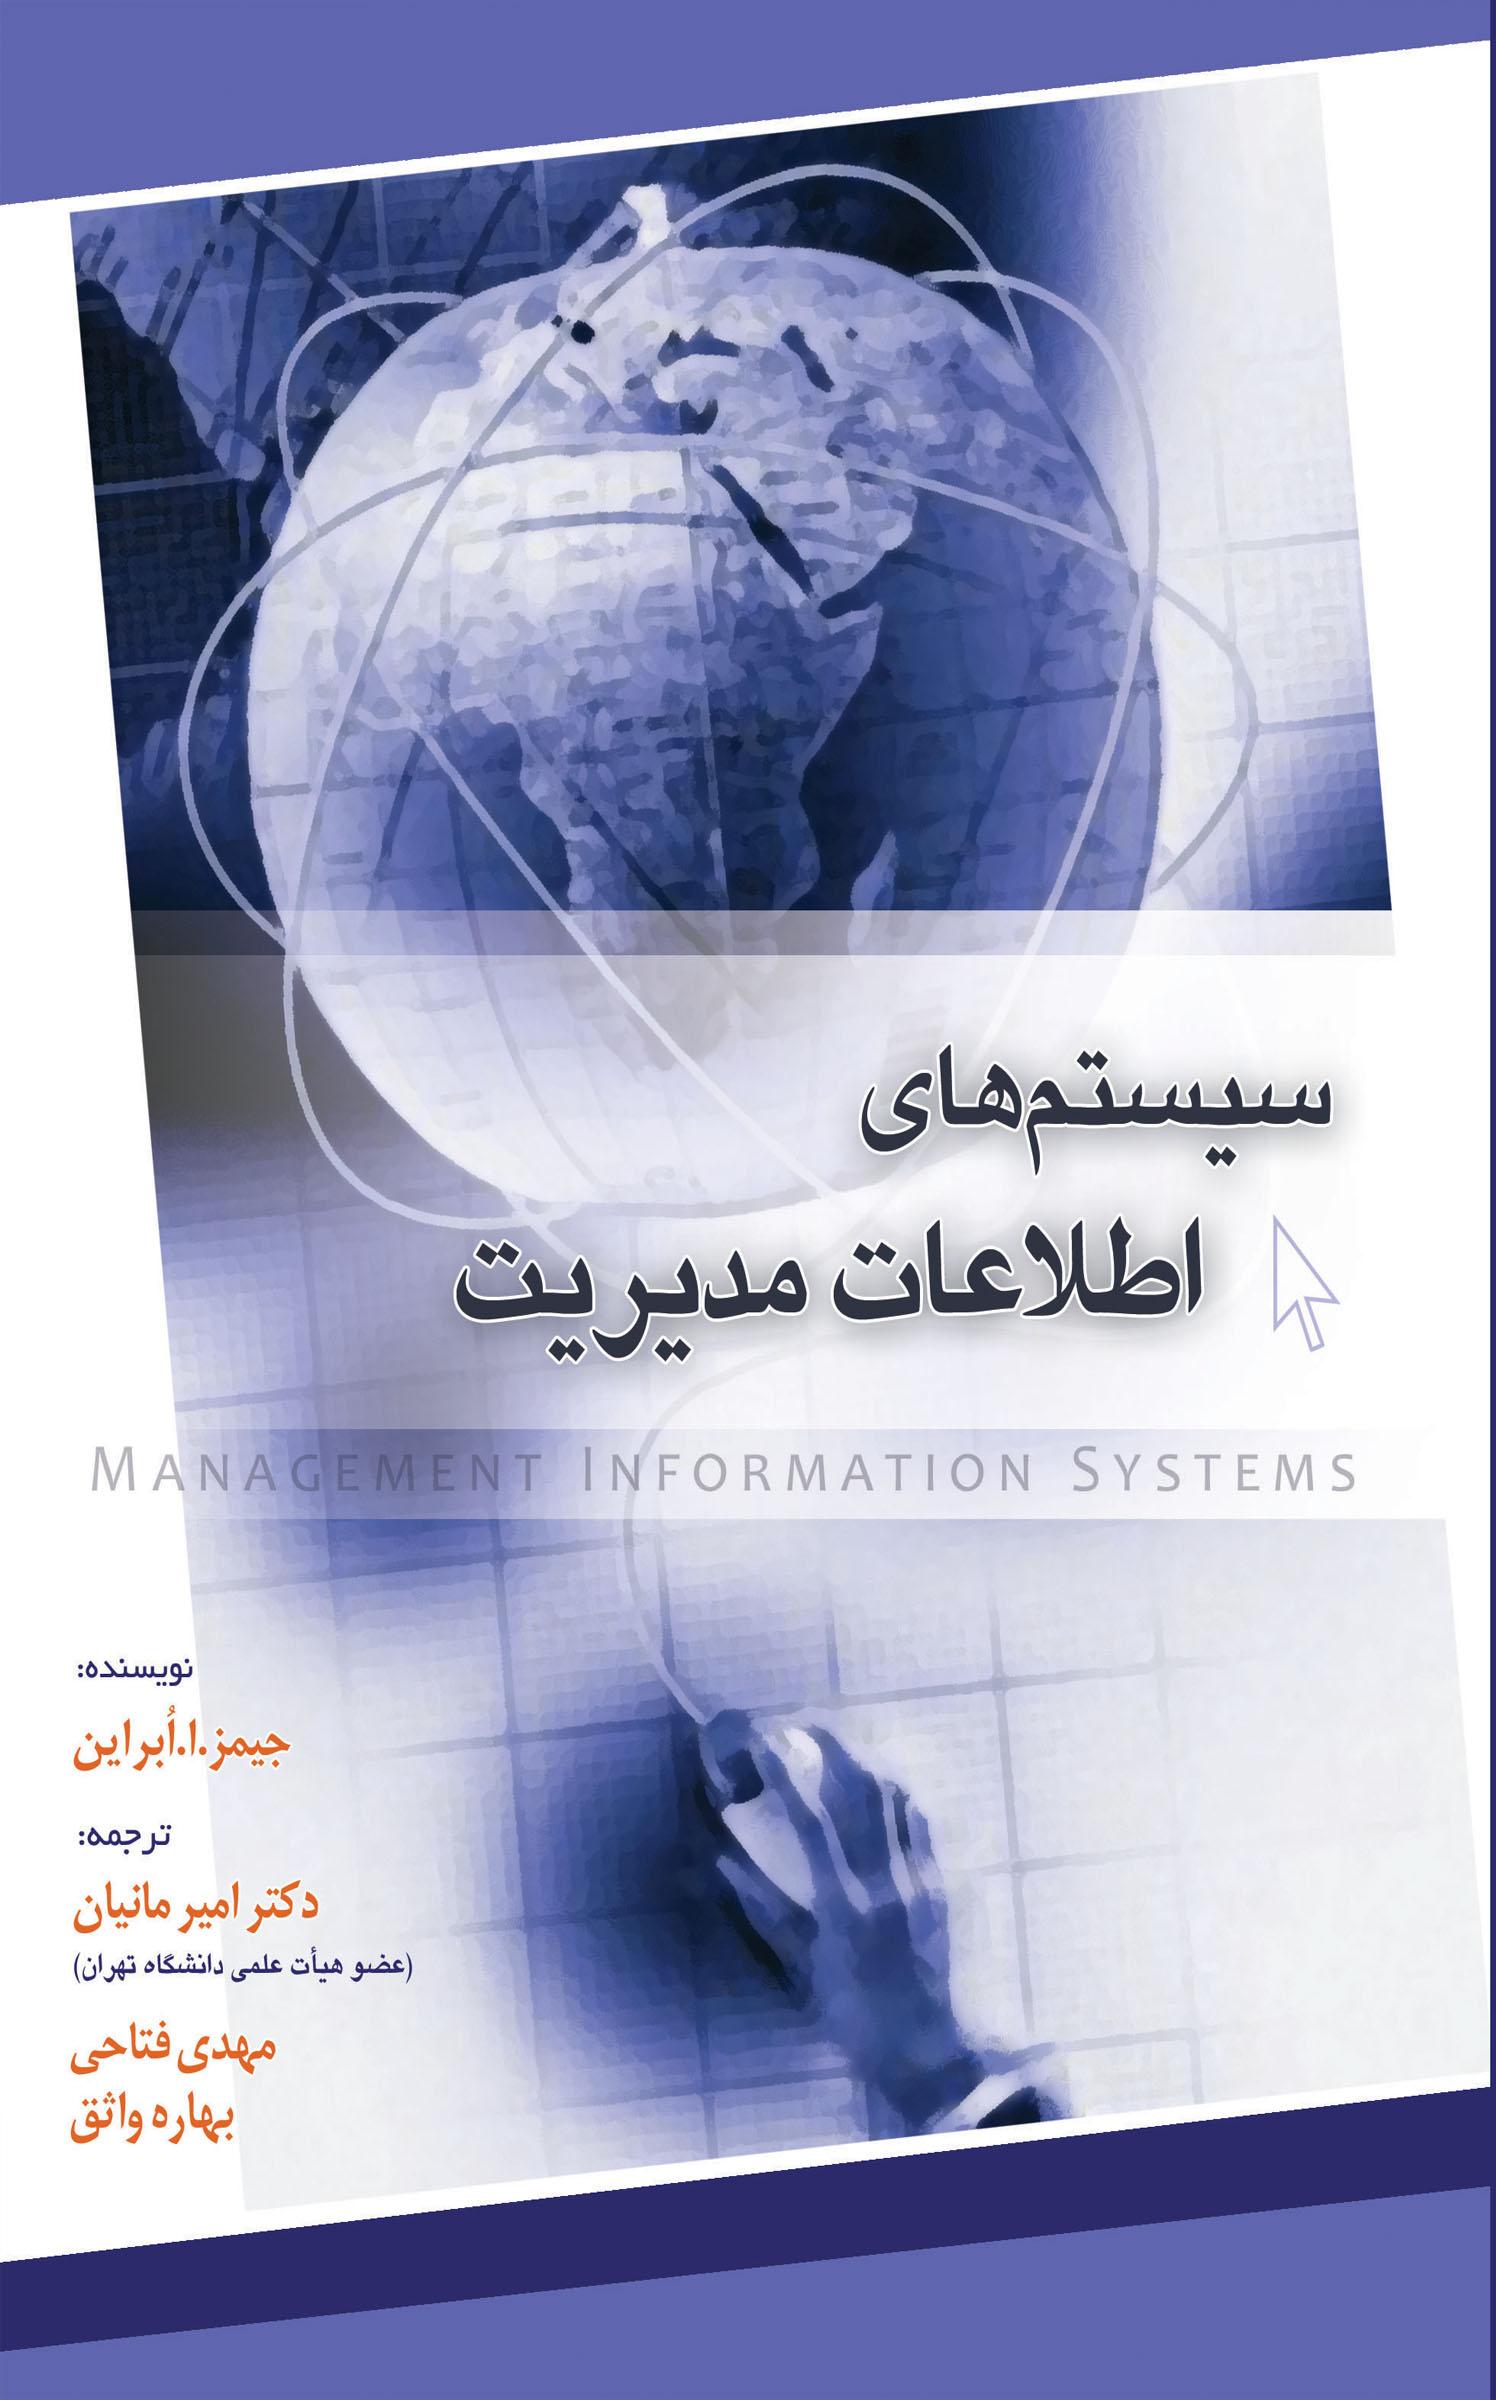 مبانی سیستم های اطلاعات مدیریت